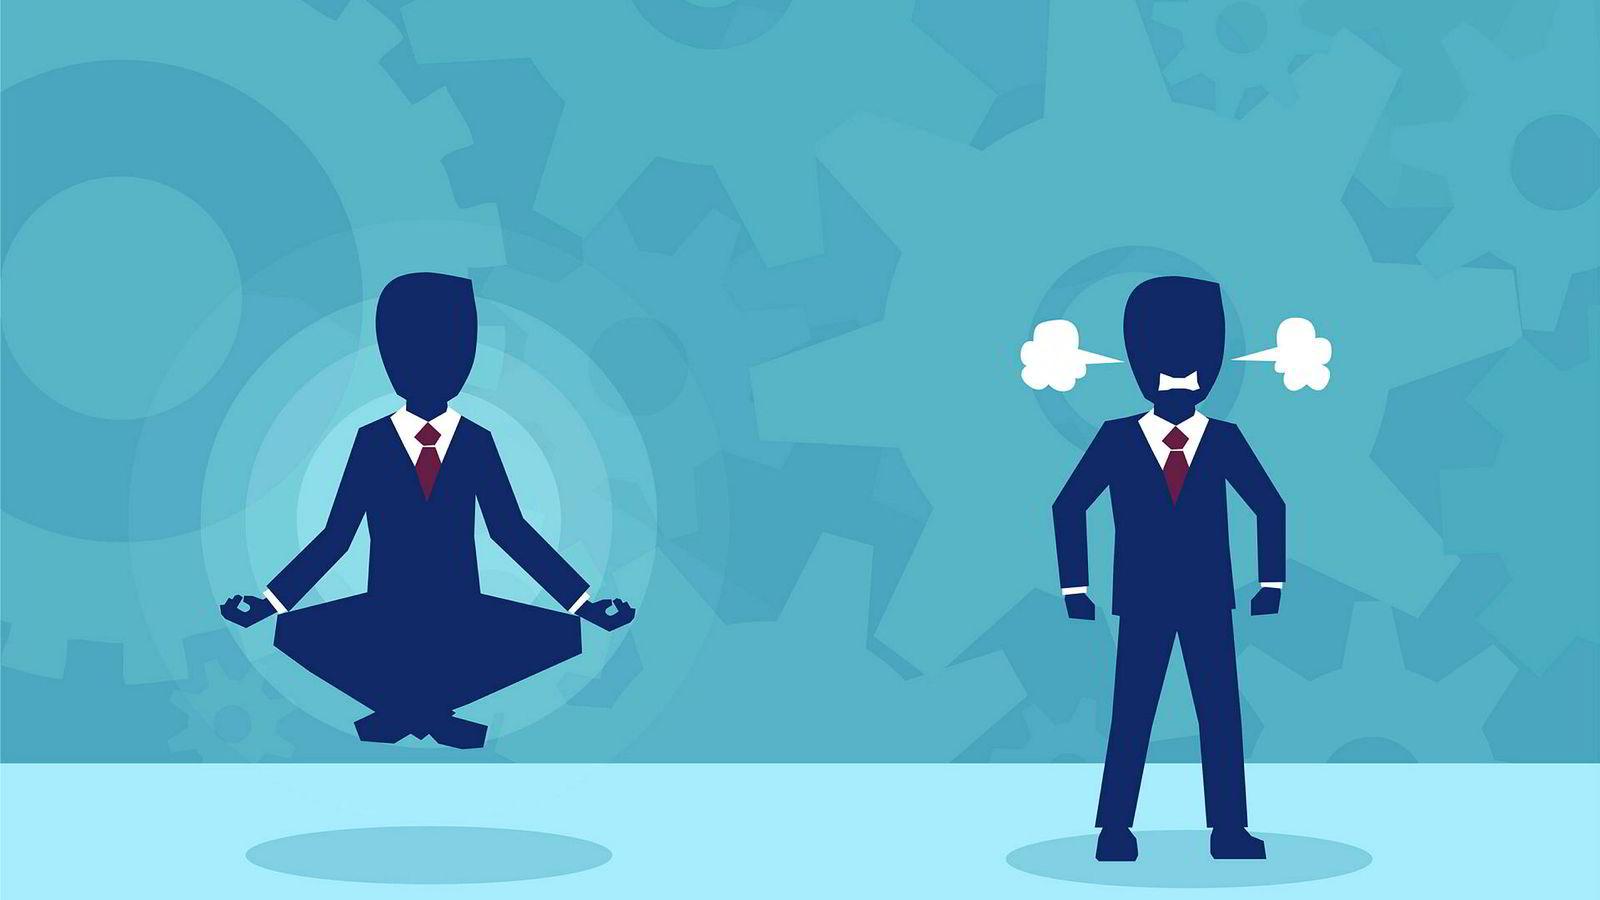 Fremfor støyen fra de få, høylytte selvhevderne burde vi bekymre oss mer for stillheten fra de mange, for lavmælte andre, skriver artikkelforfatteren.